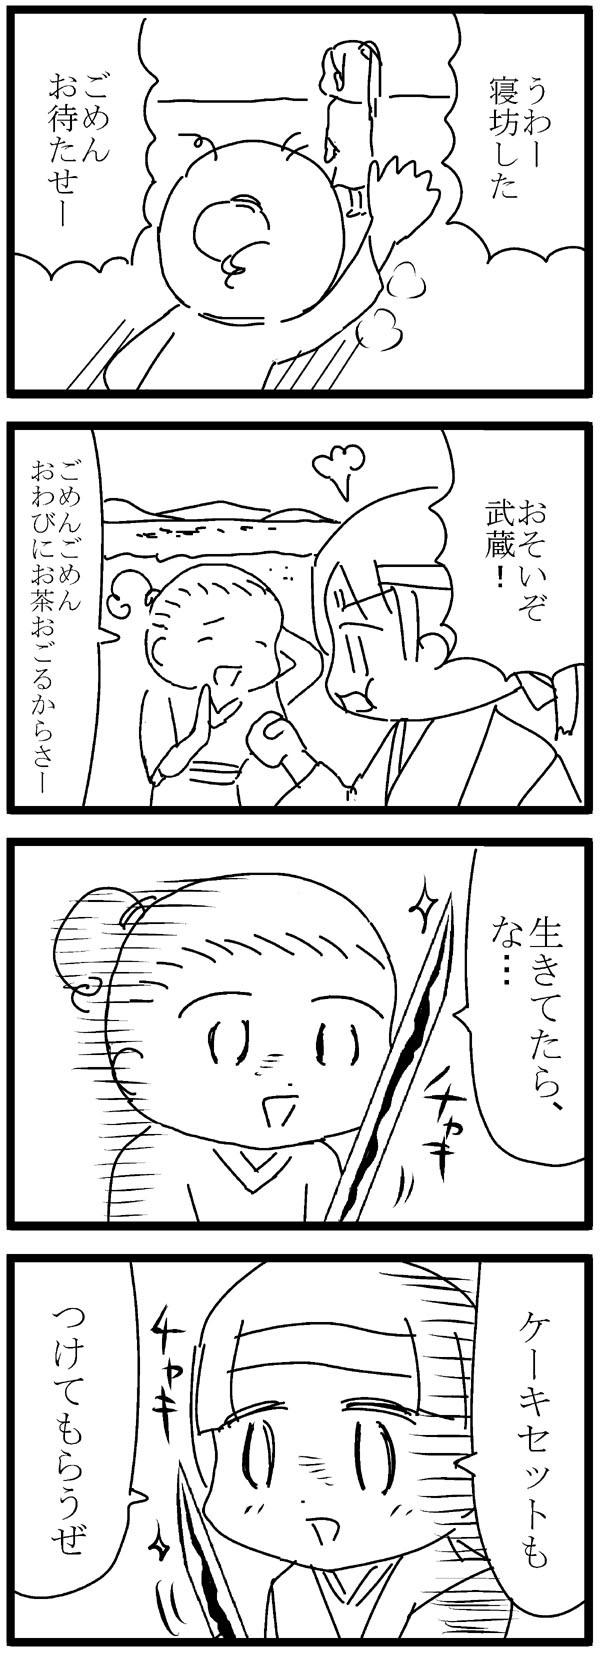 3f1ace11.jpg